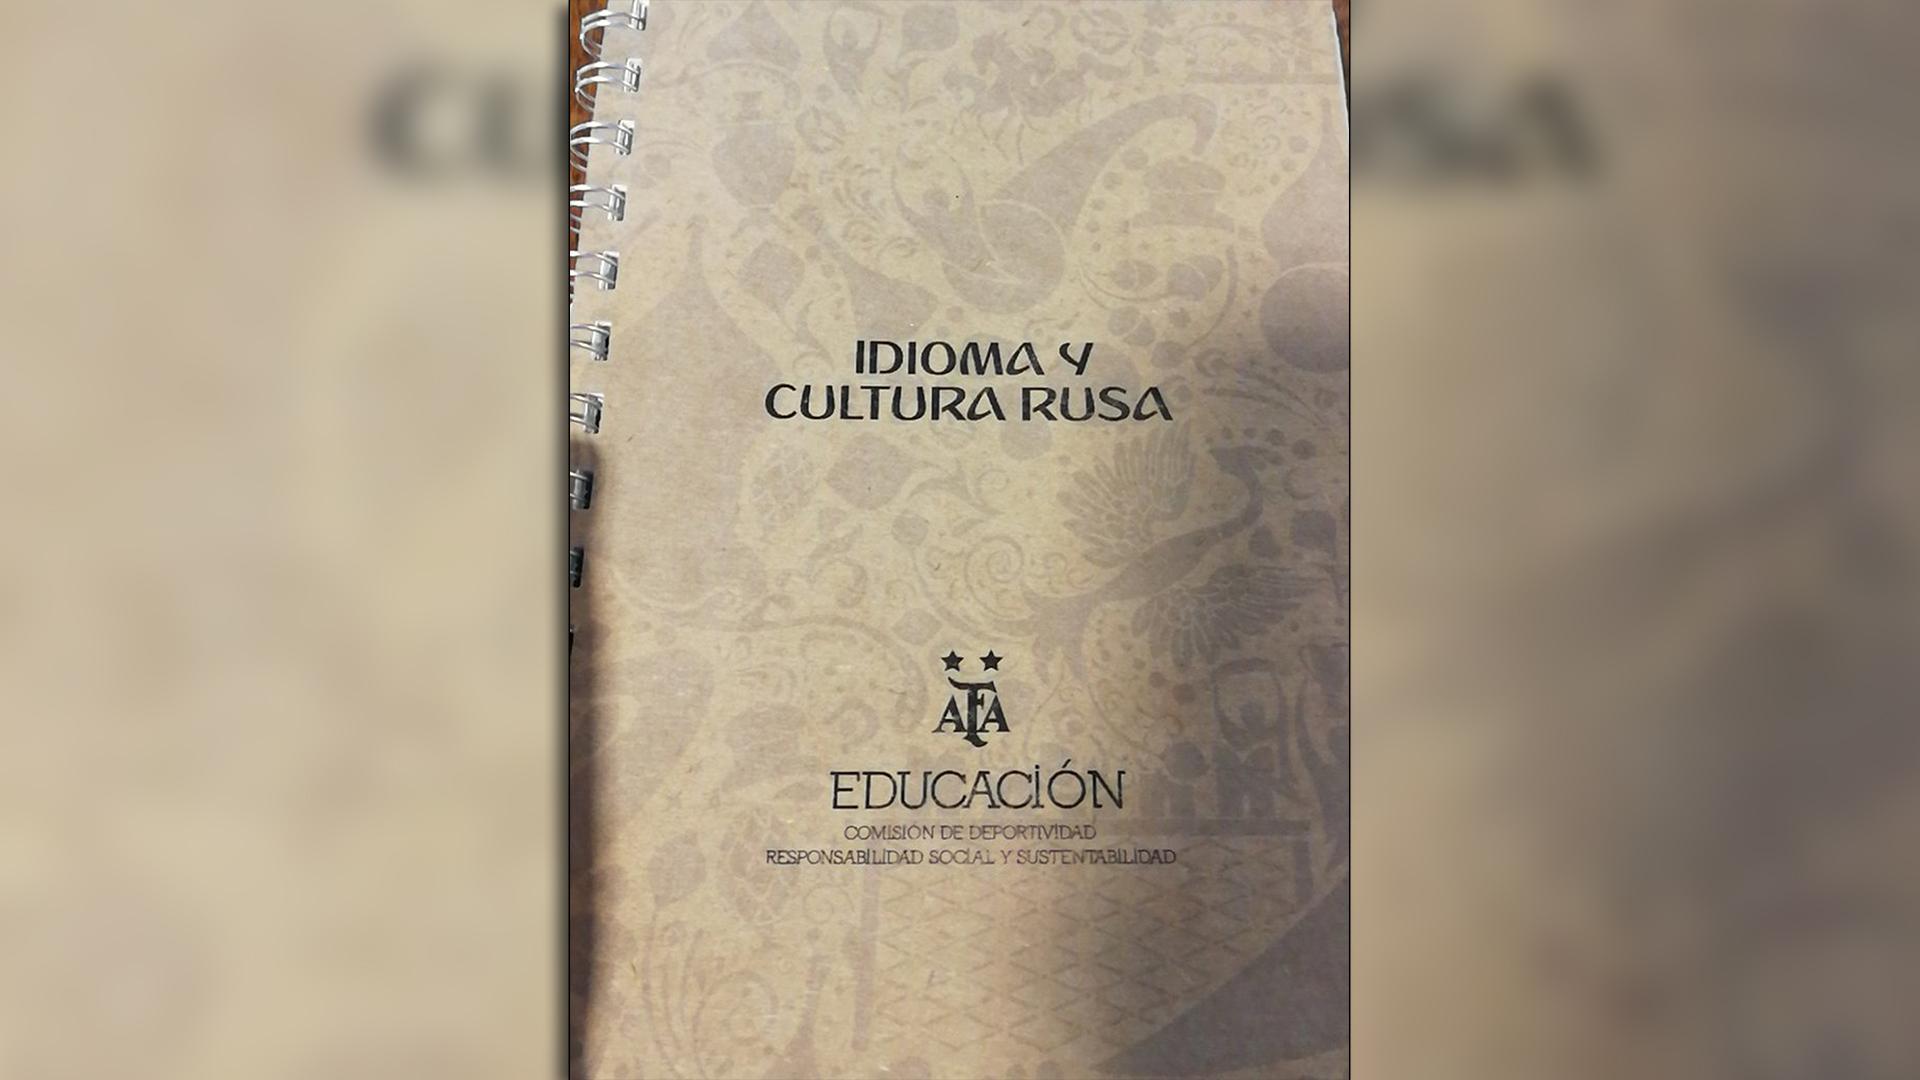 La portada del manual distribuido por la AFA, al que luego le cercenaron las páginas de la polémica